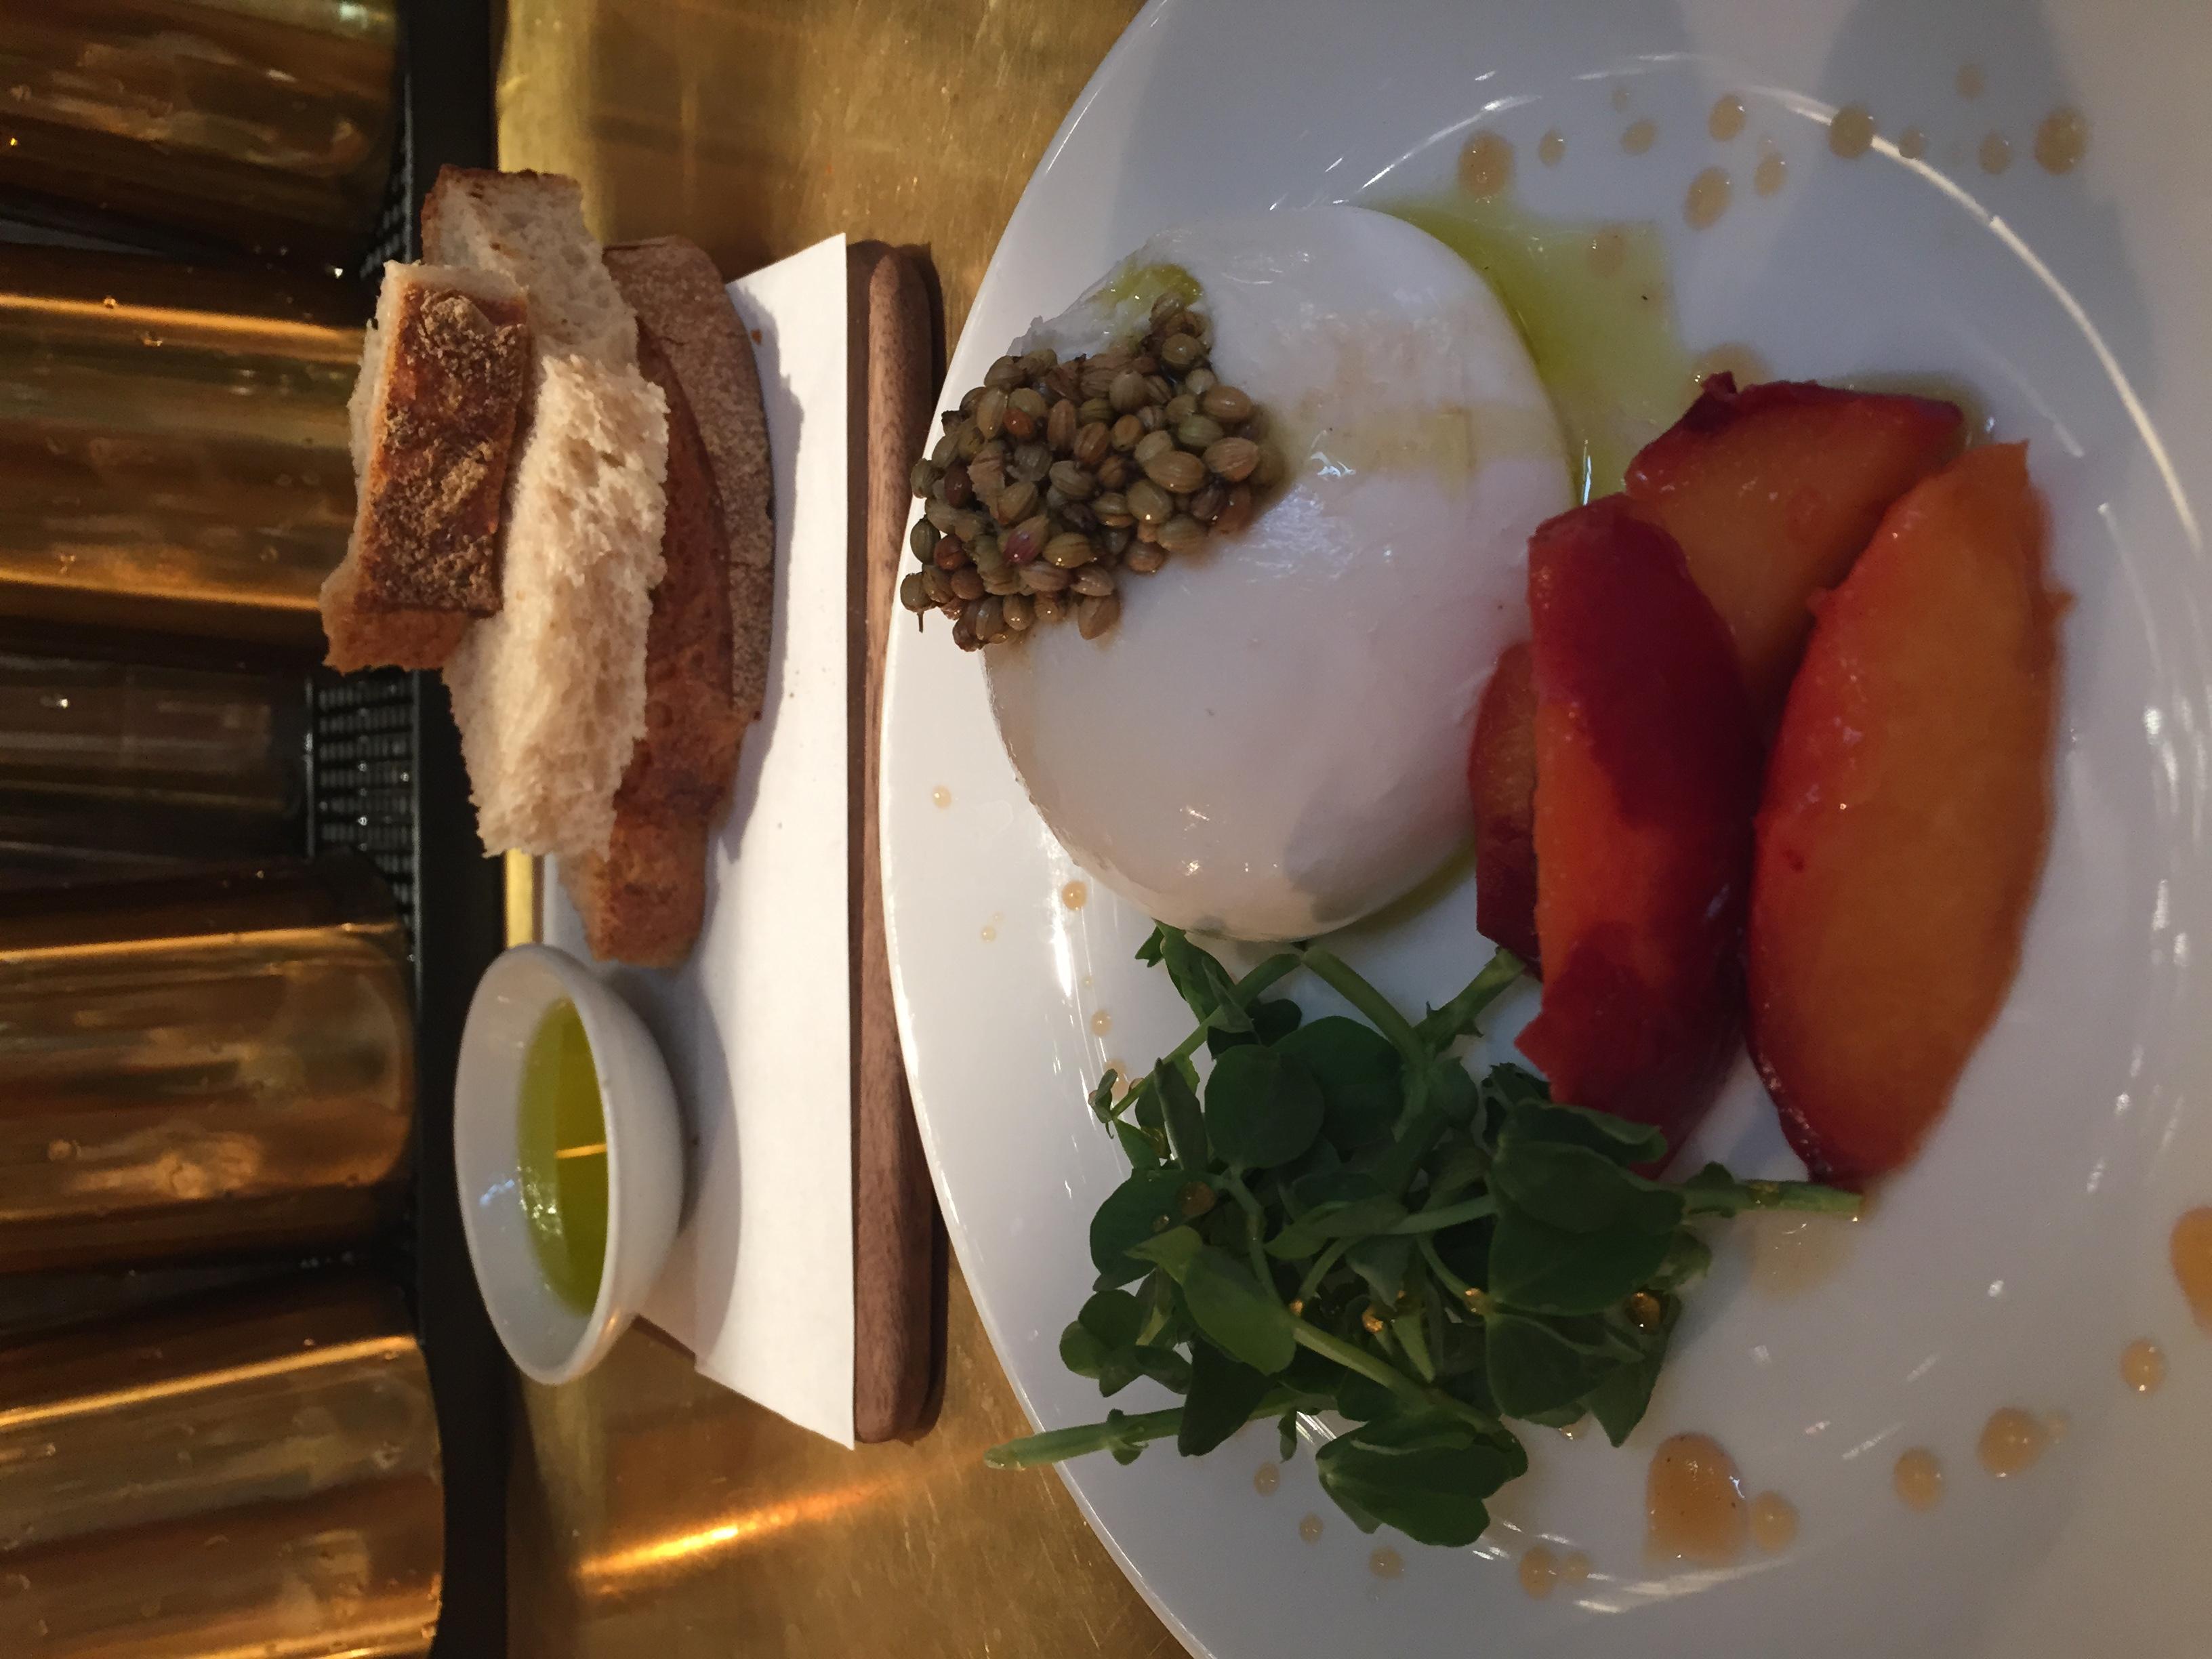 NOPI's exquisite Burrata with flavored peaches. YUM.